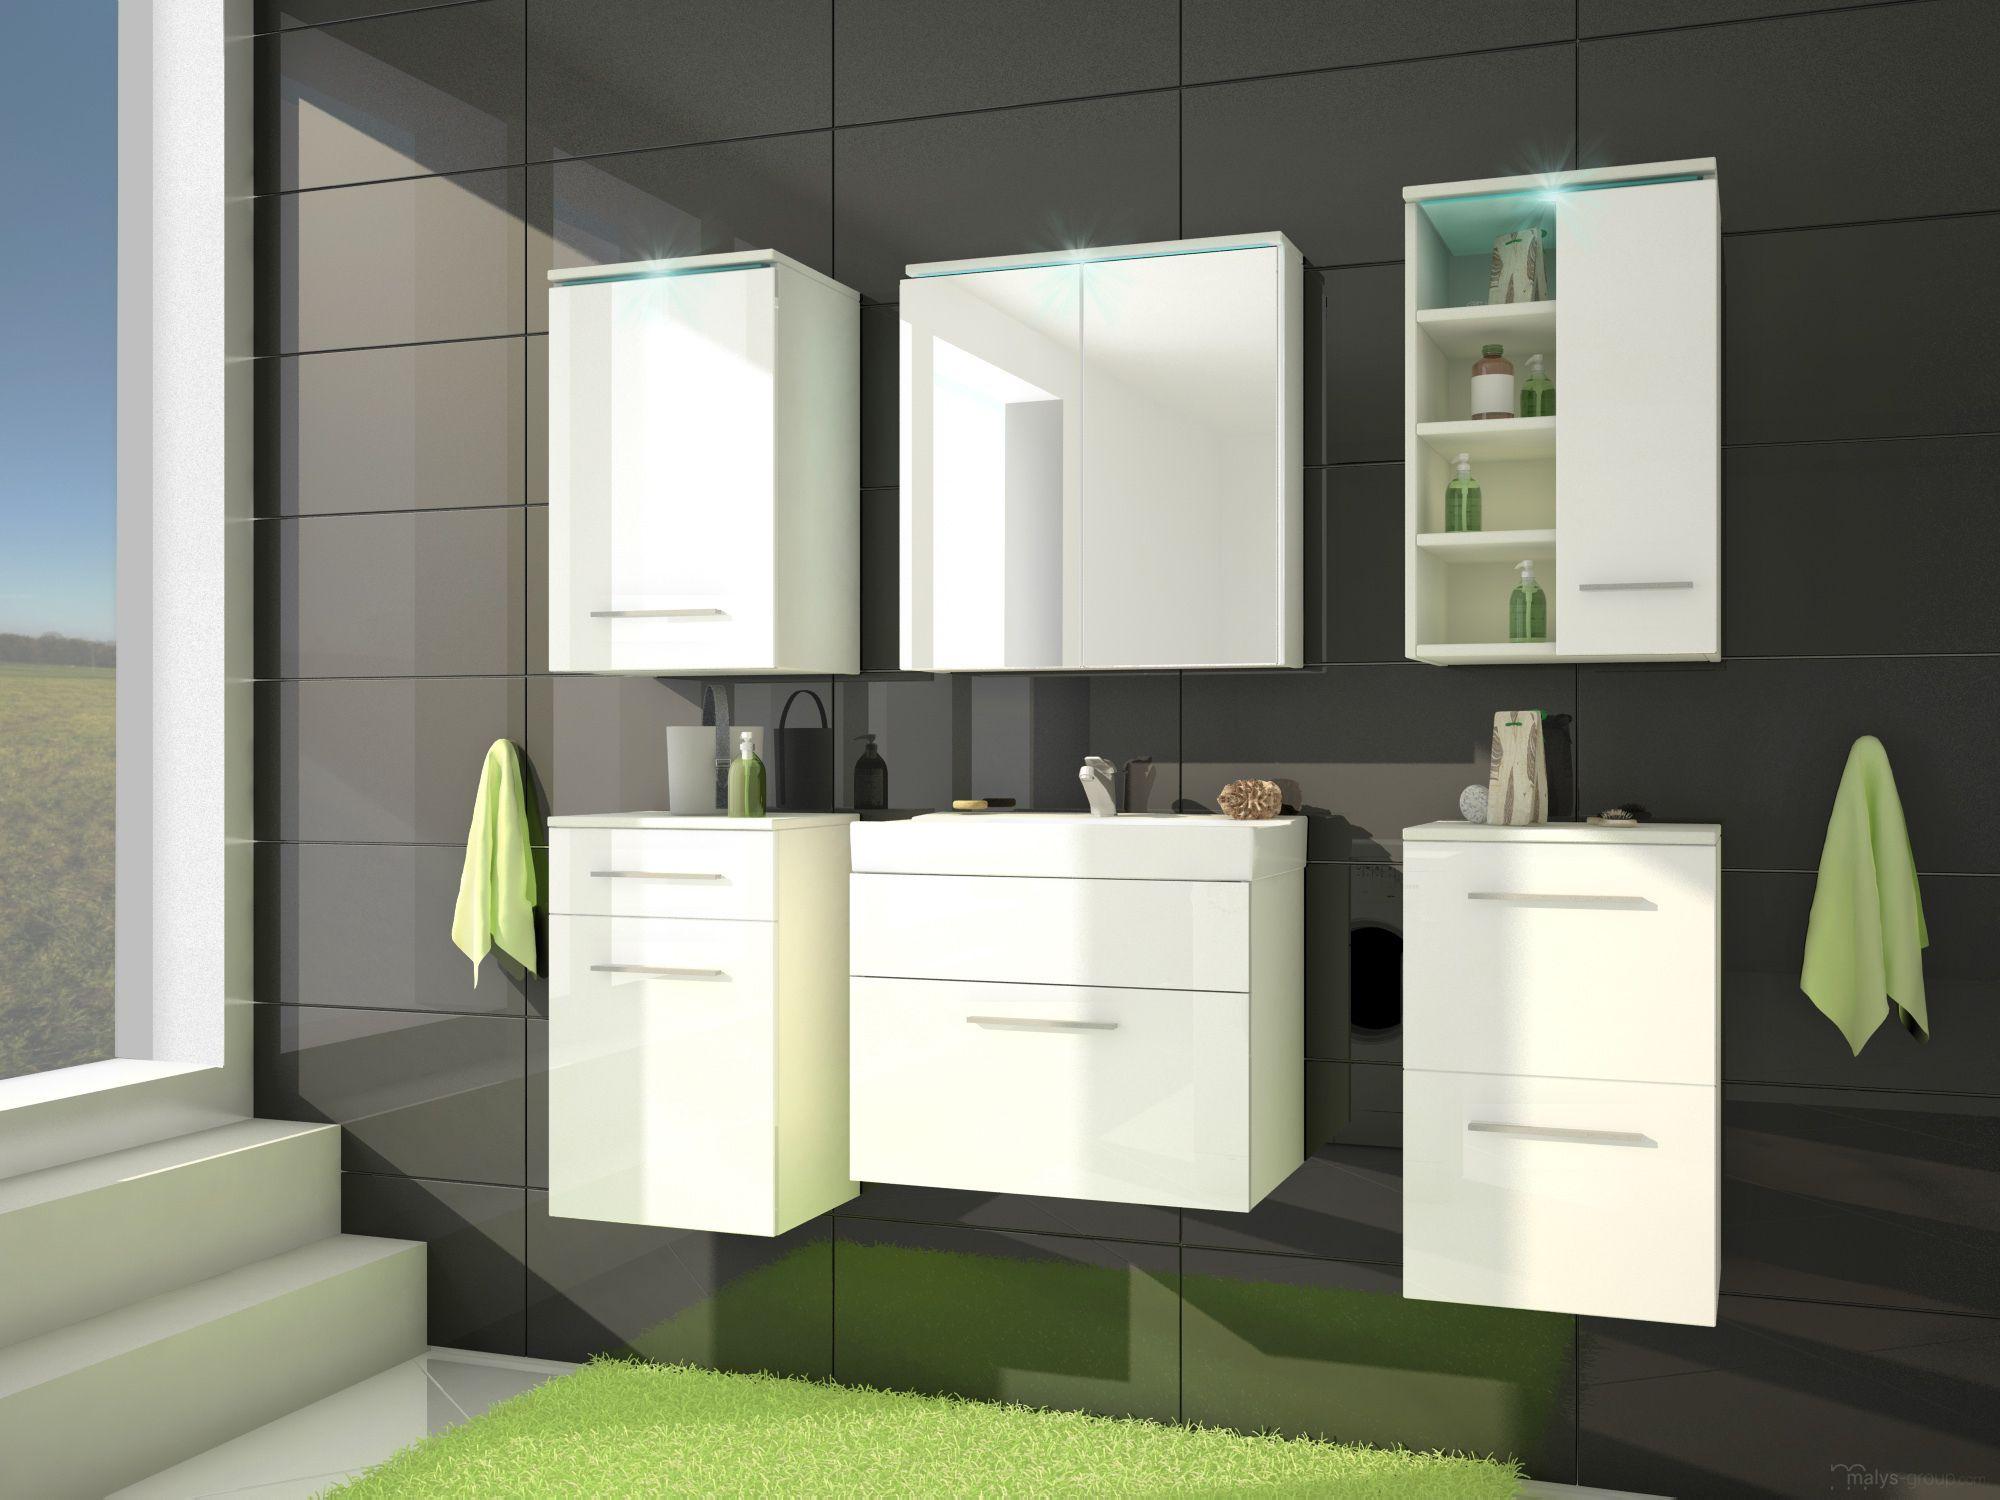 Led Verlichting Badkamer : Badkamer mega uitgevoerd in de kleuren wit hoogglans wit